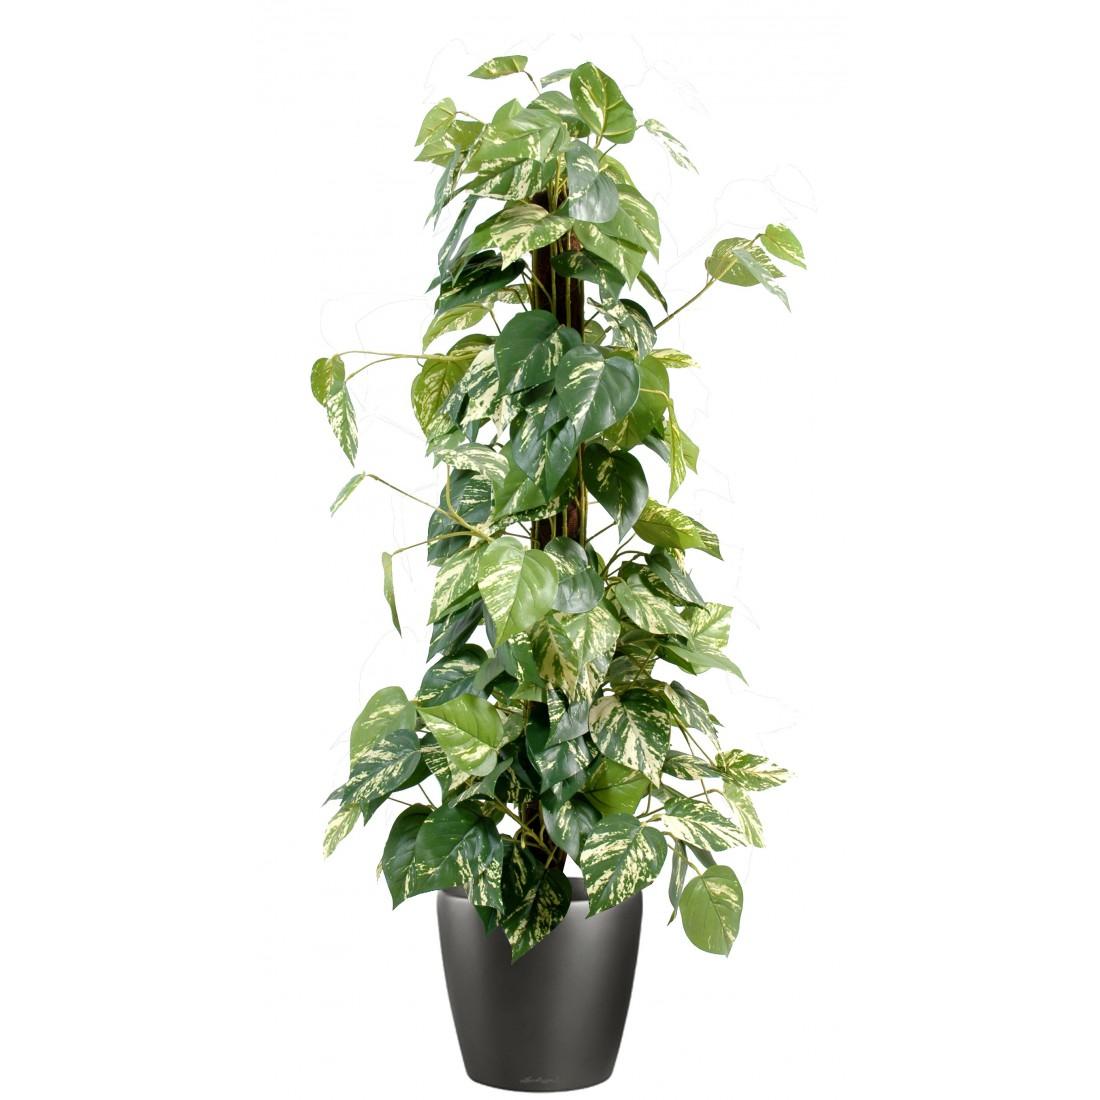 Tuteur coco for Plante artificiel interieur